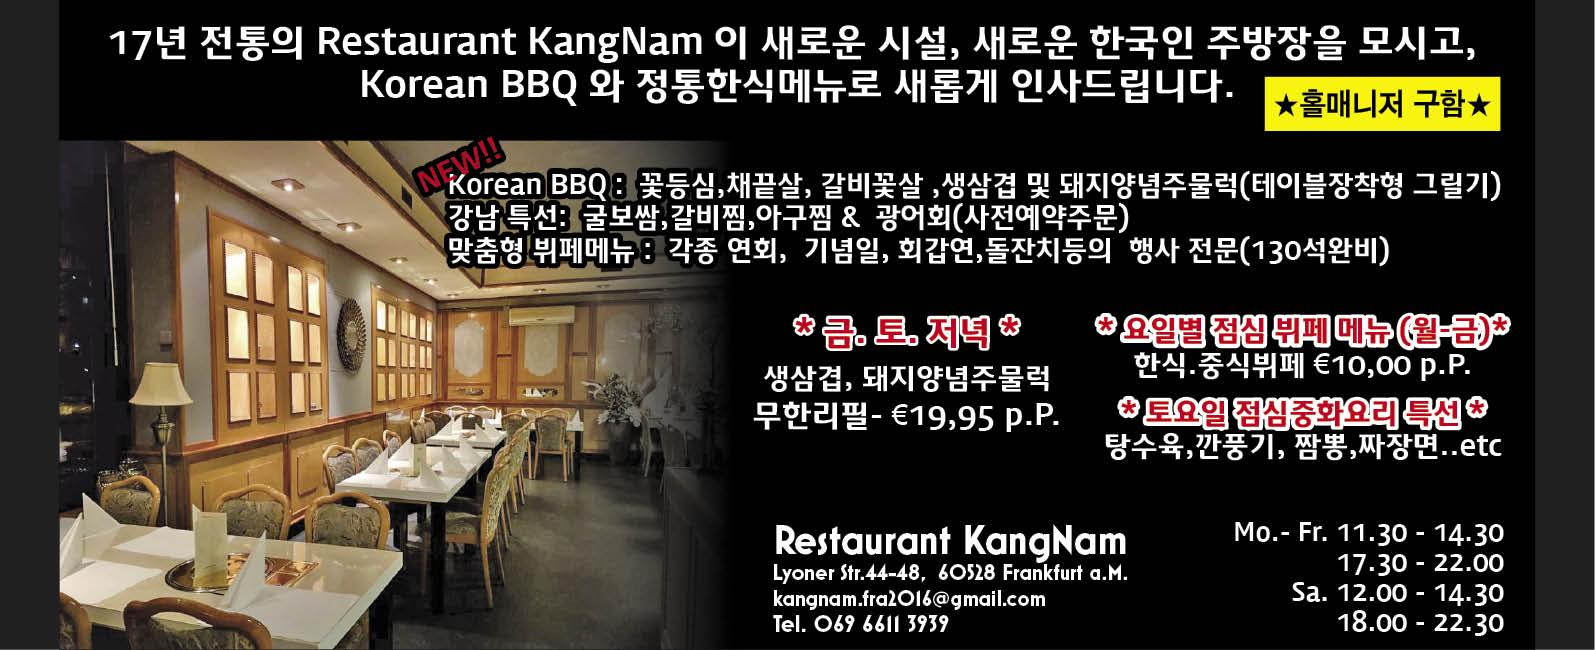 강남식당.jpg